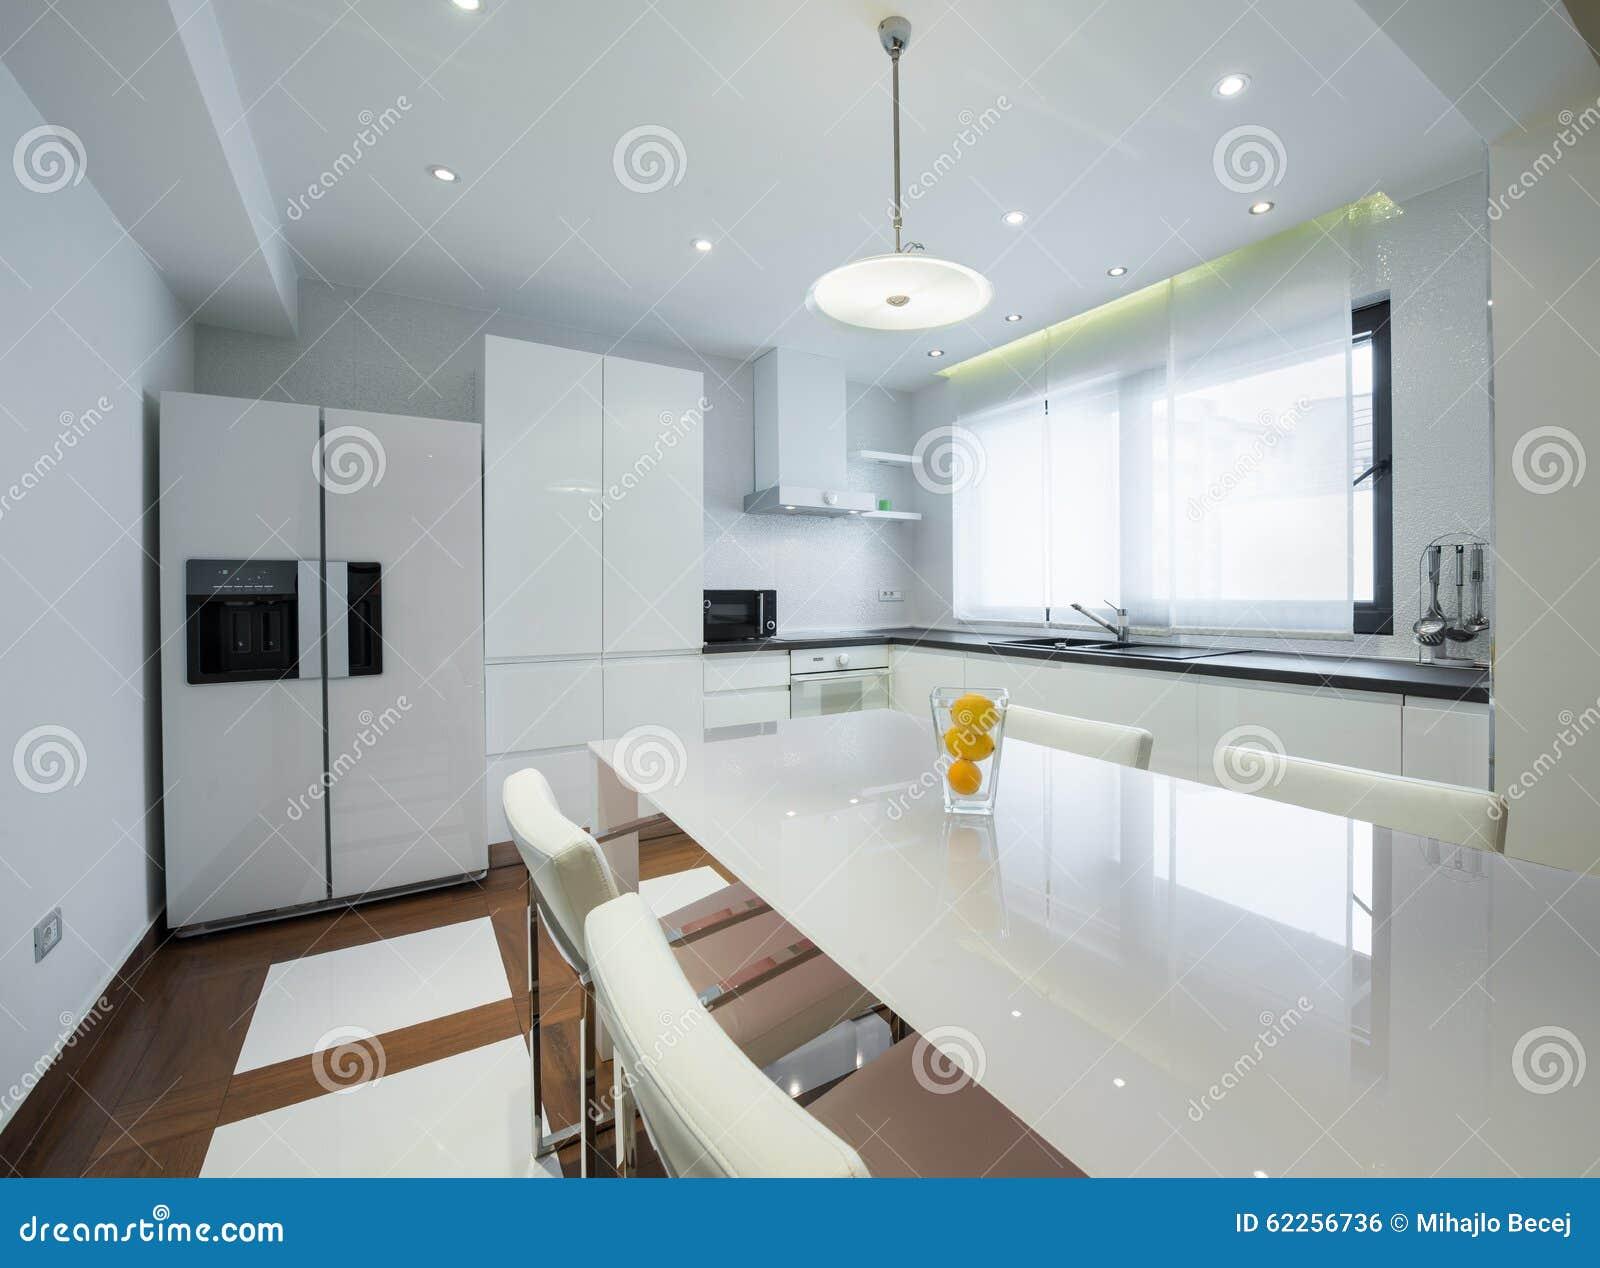 Intérieur D Une Cuisine Blanche Lumineuse De Luxe Moderne Photo